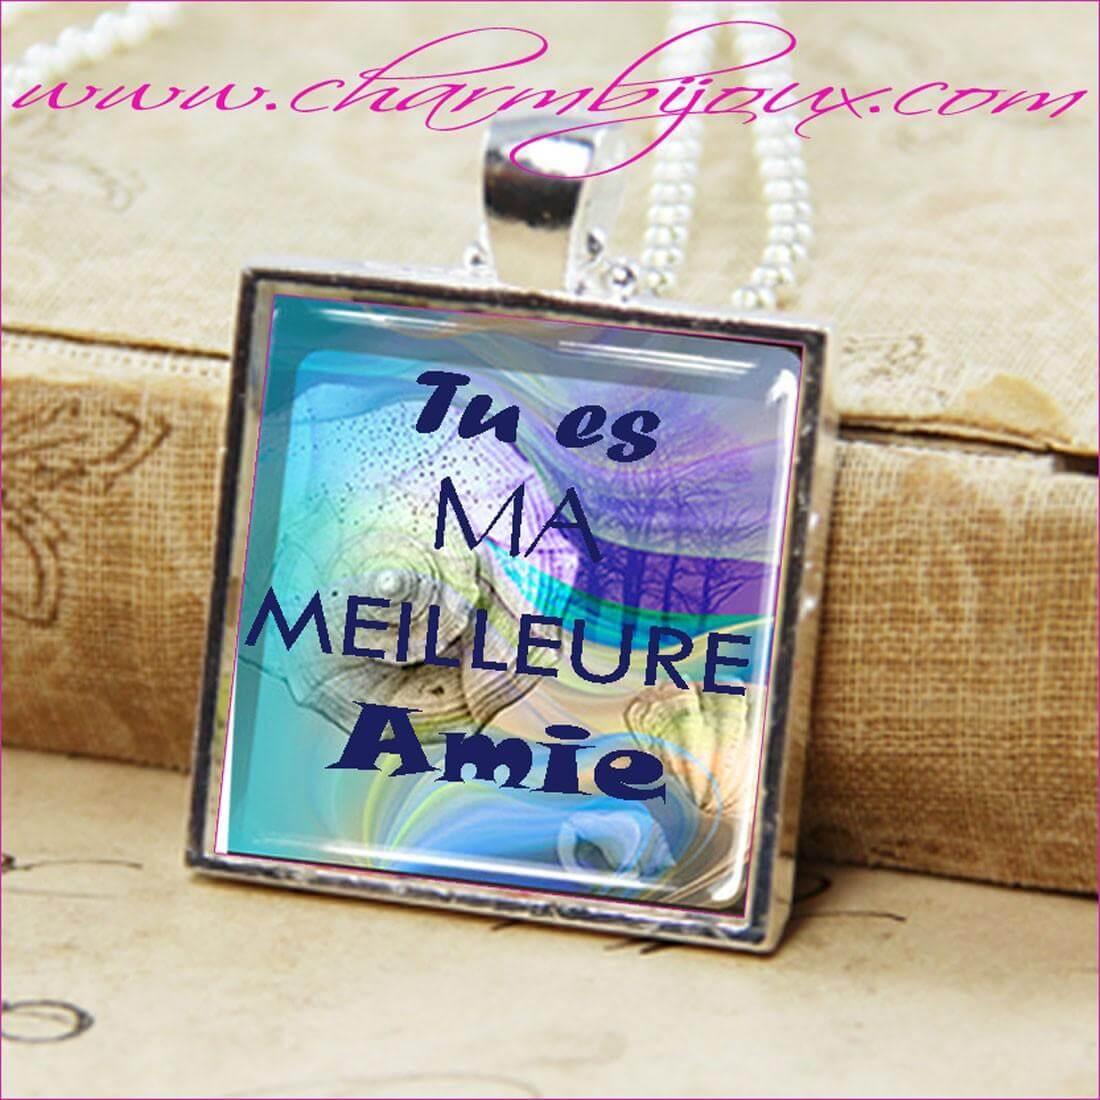 Image Pour Ma Meilleure Amie pour offrez à votre meilleure amie ce joli collier avec une jolie inscription